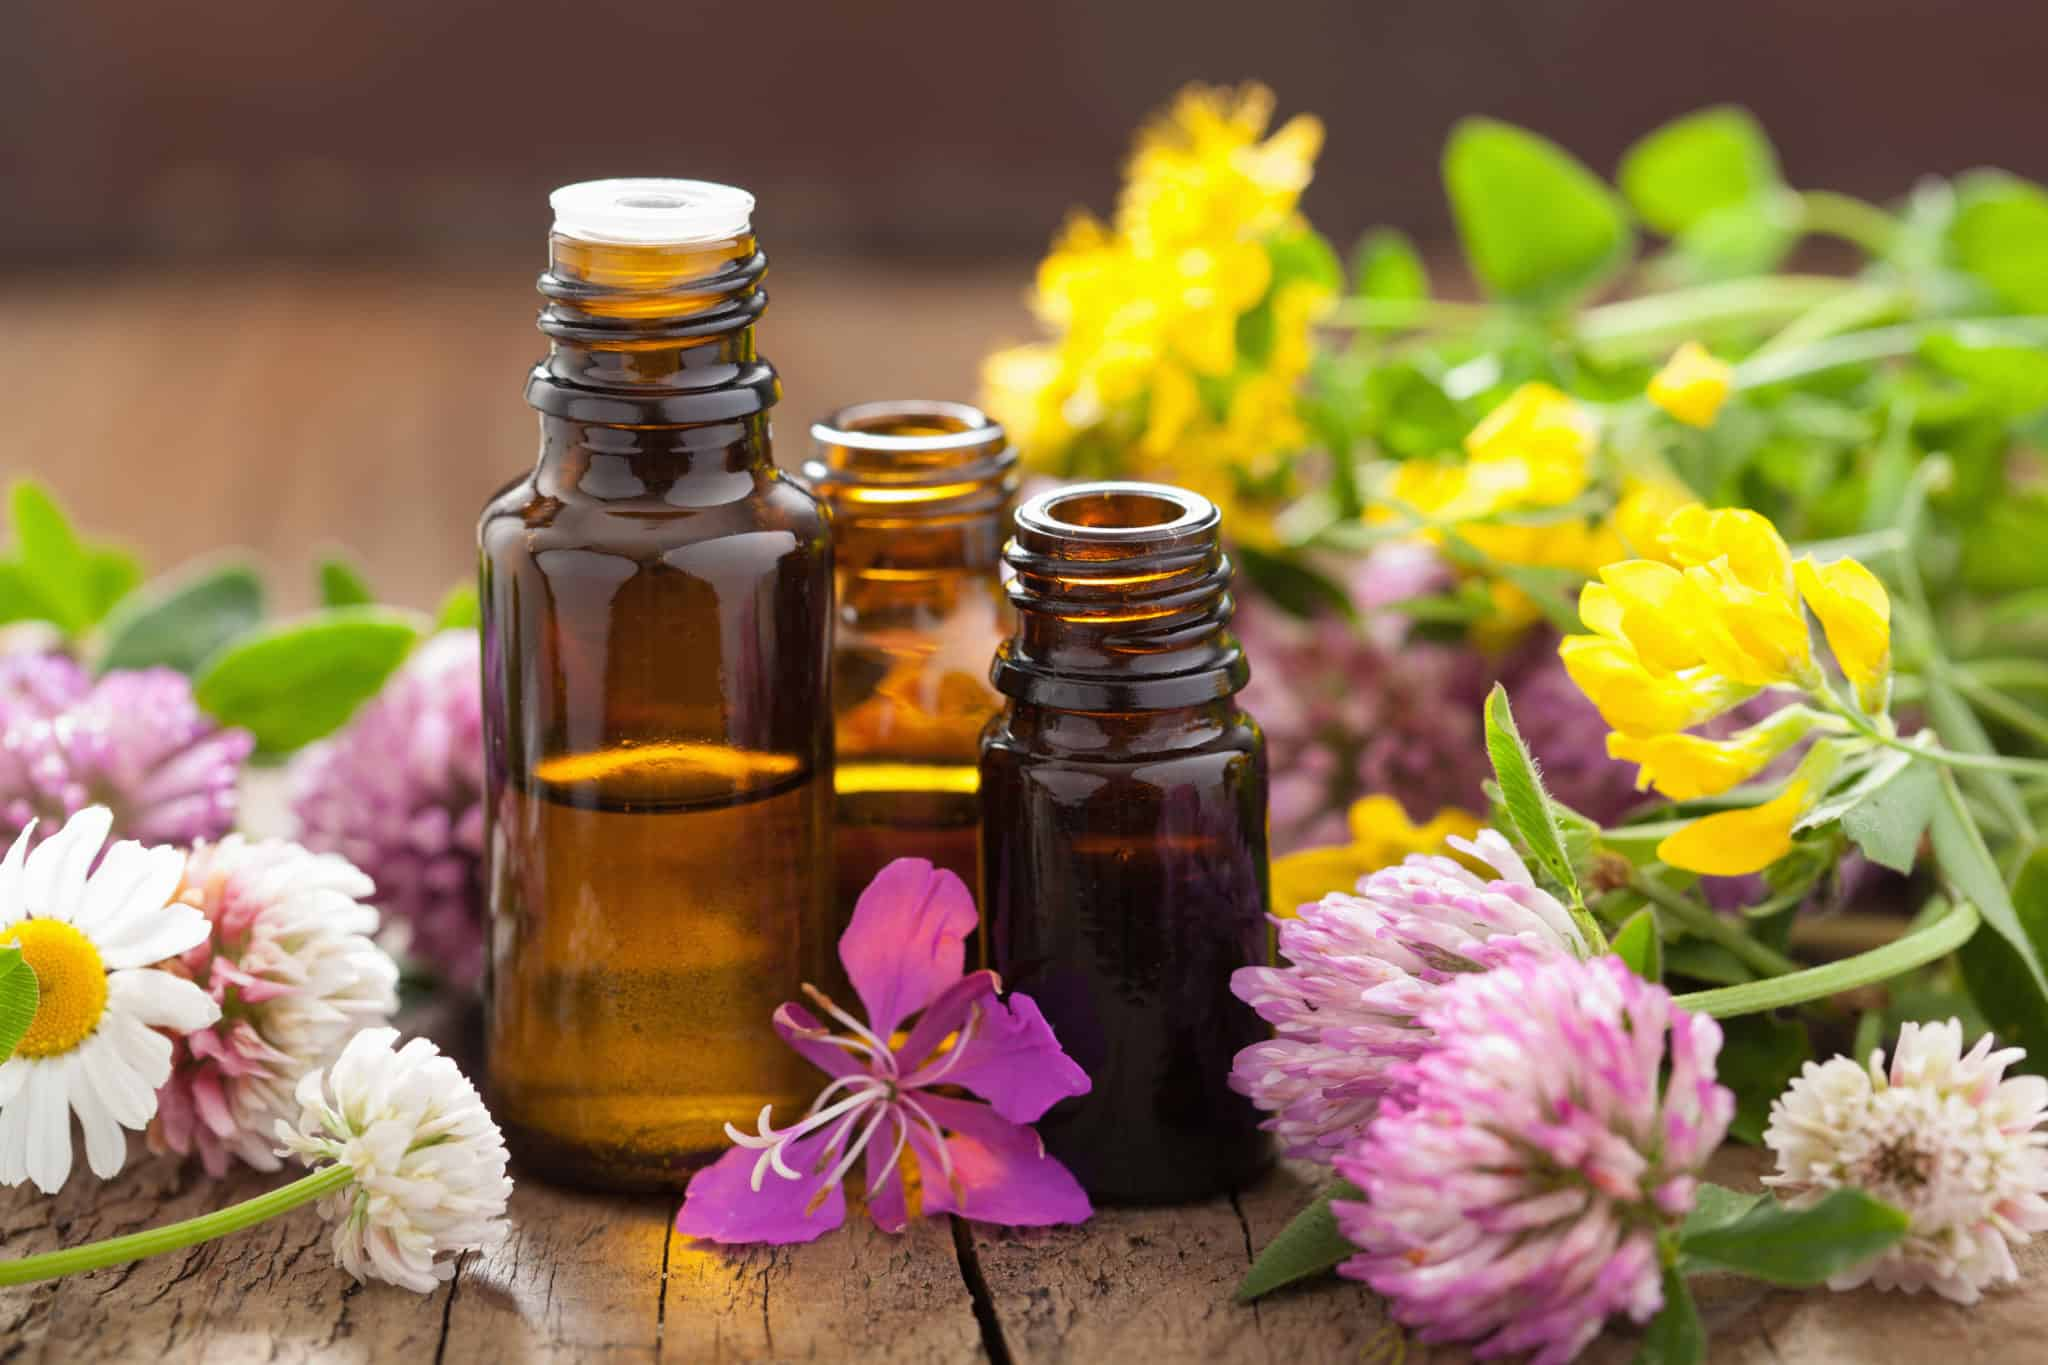 Comment soigner rapidement un rhume grâce aux huiles essentielles ?